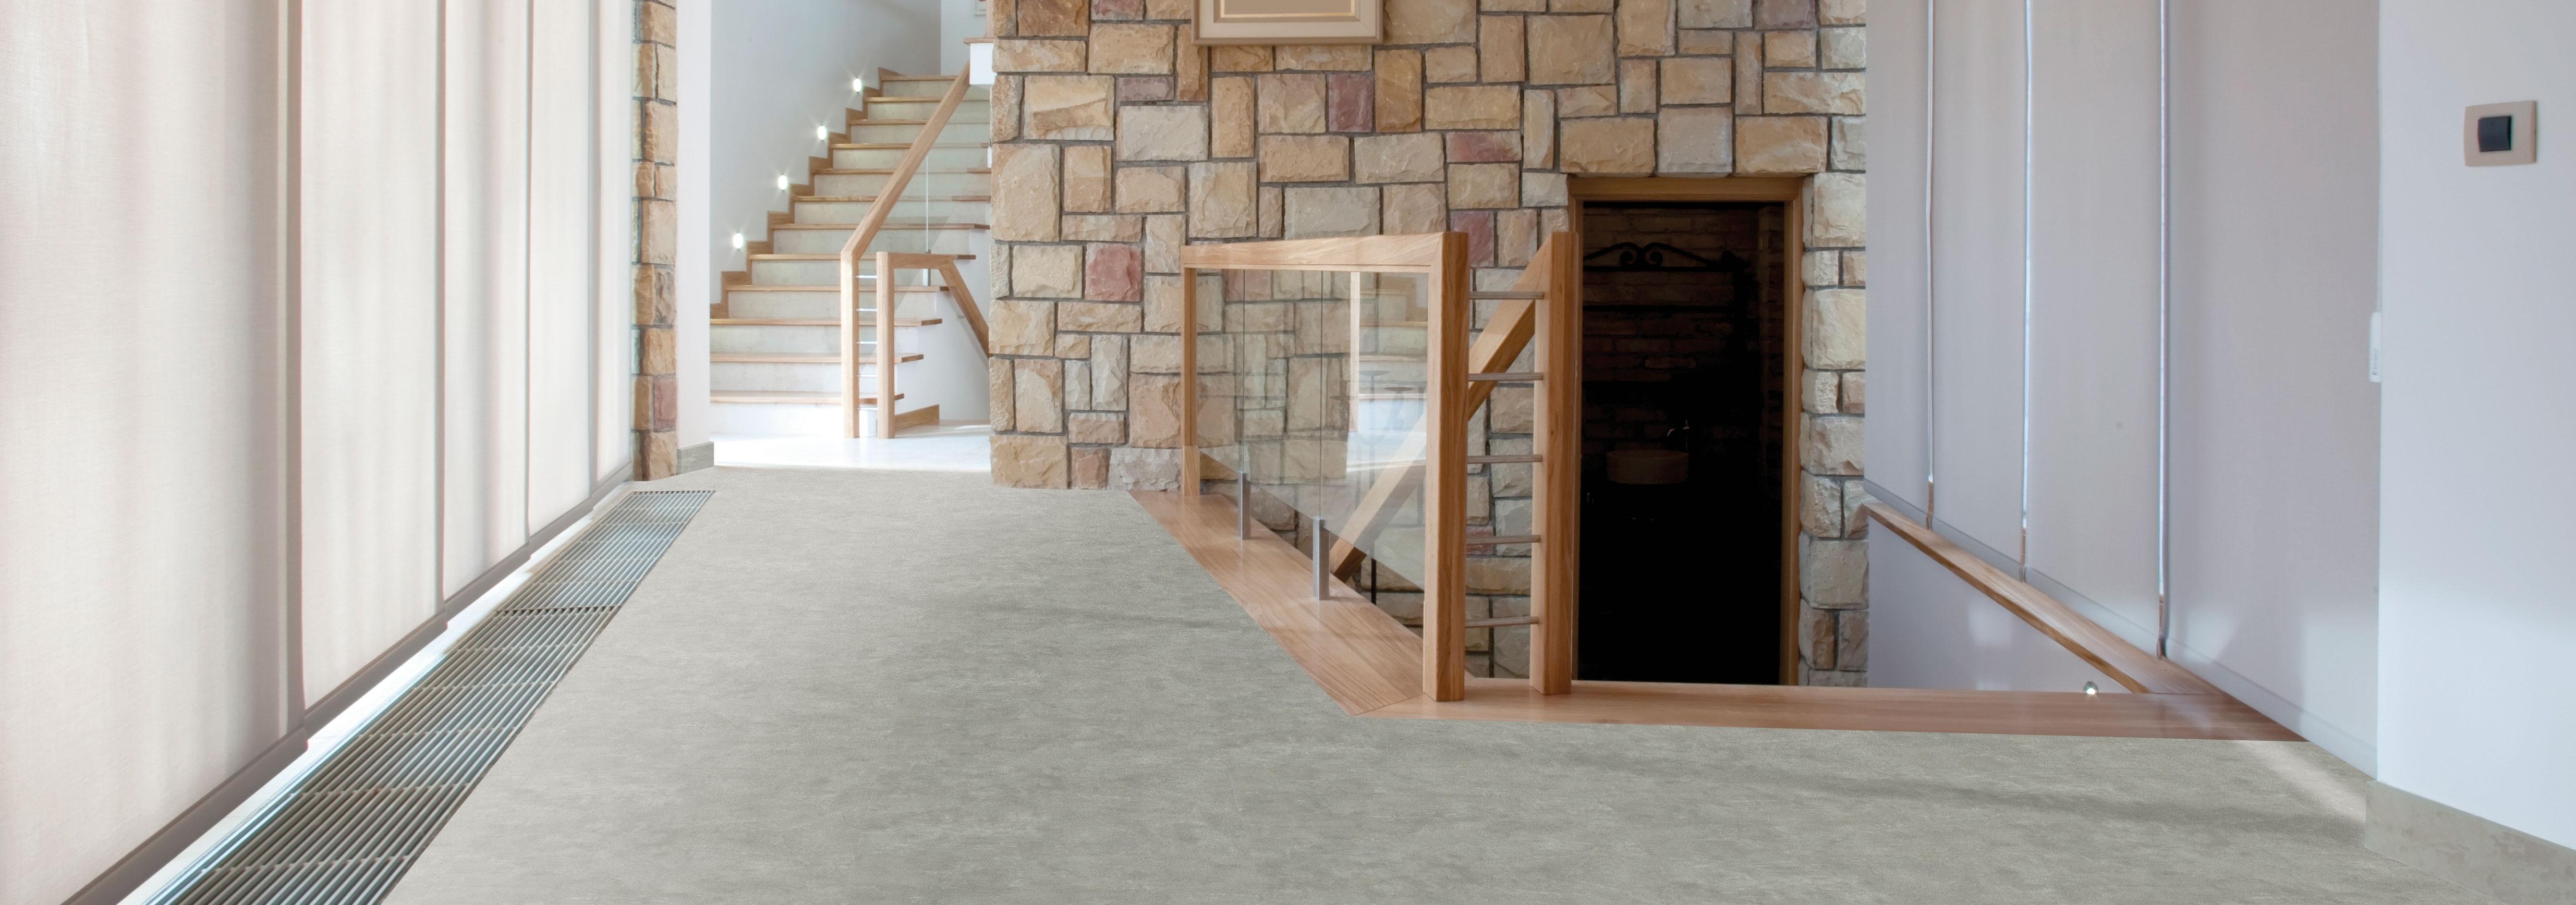 Designboden Stone Cement im Vorraum